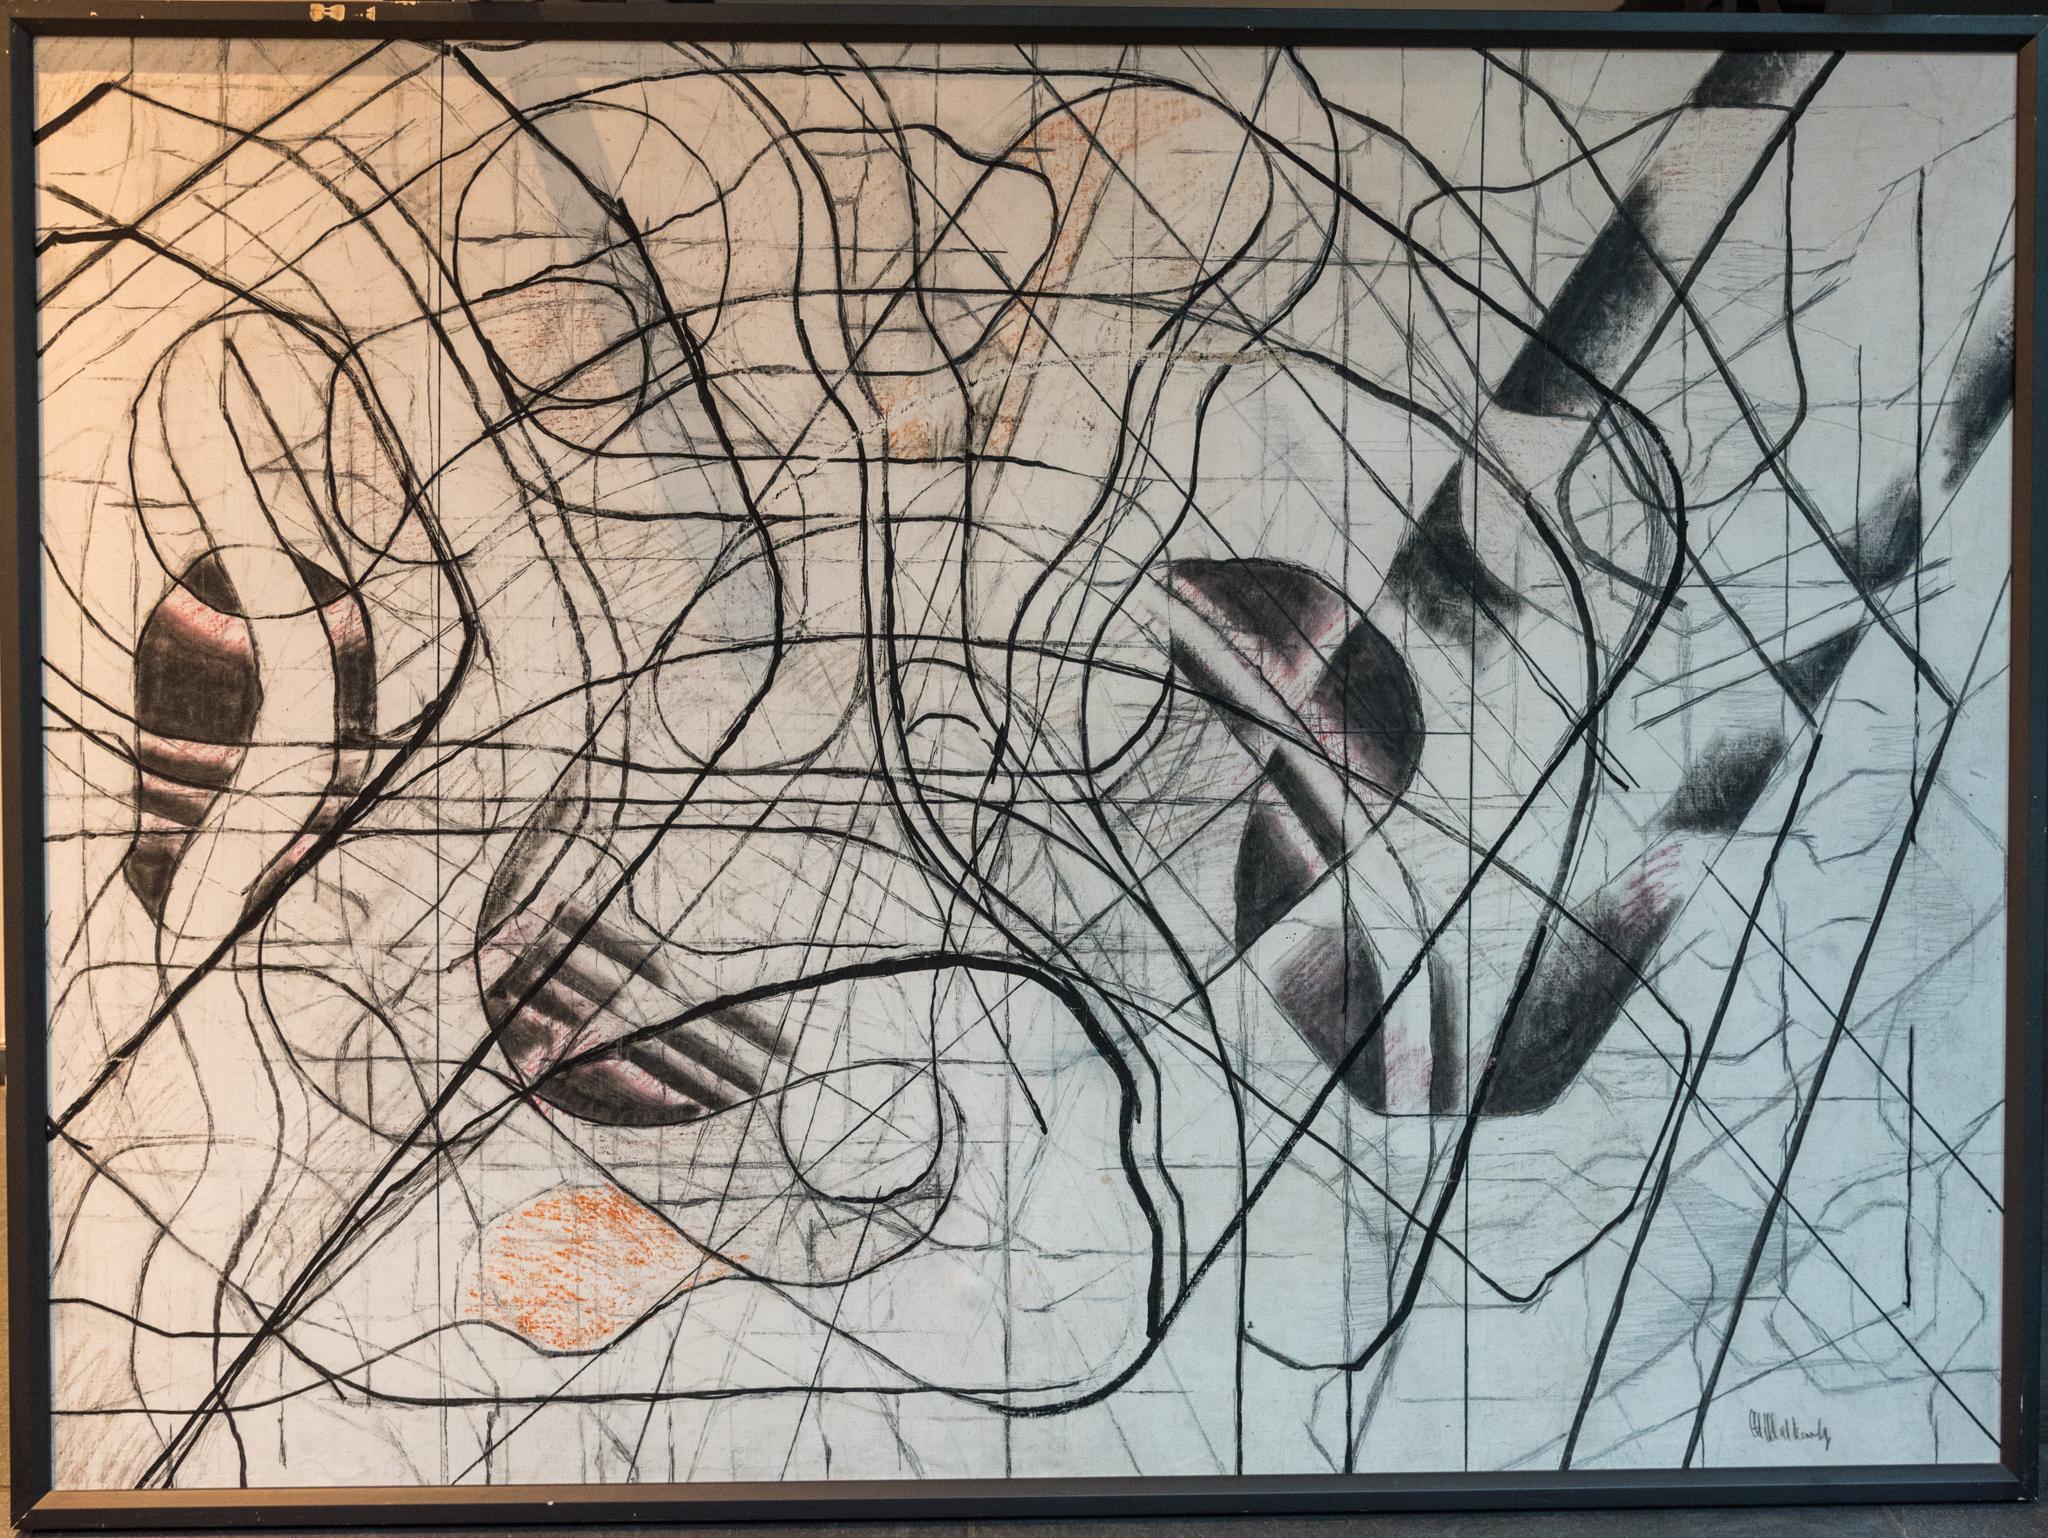 Flötist Boris Chemetov Konstruktivismus